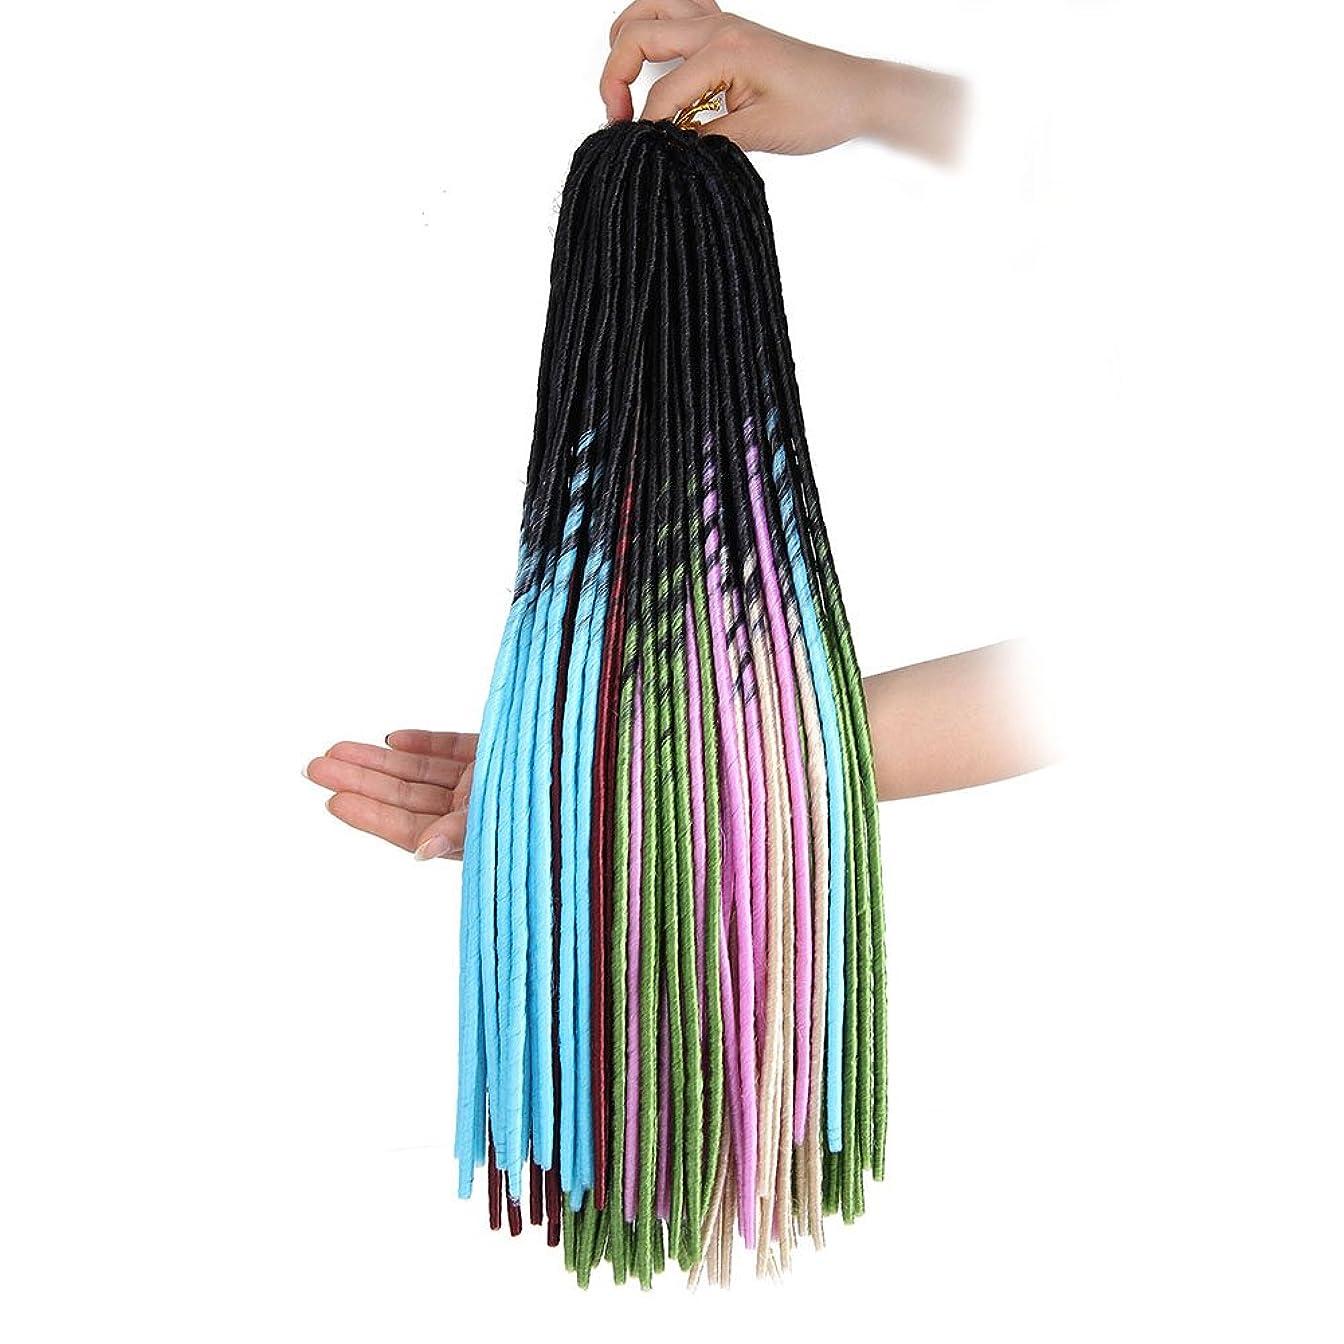 休暇再撮り対ウィッグウィッググラデーション編組編組黒根自然な柔らかい髪の人工